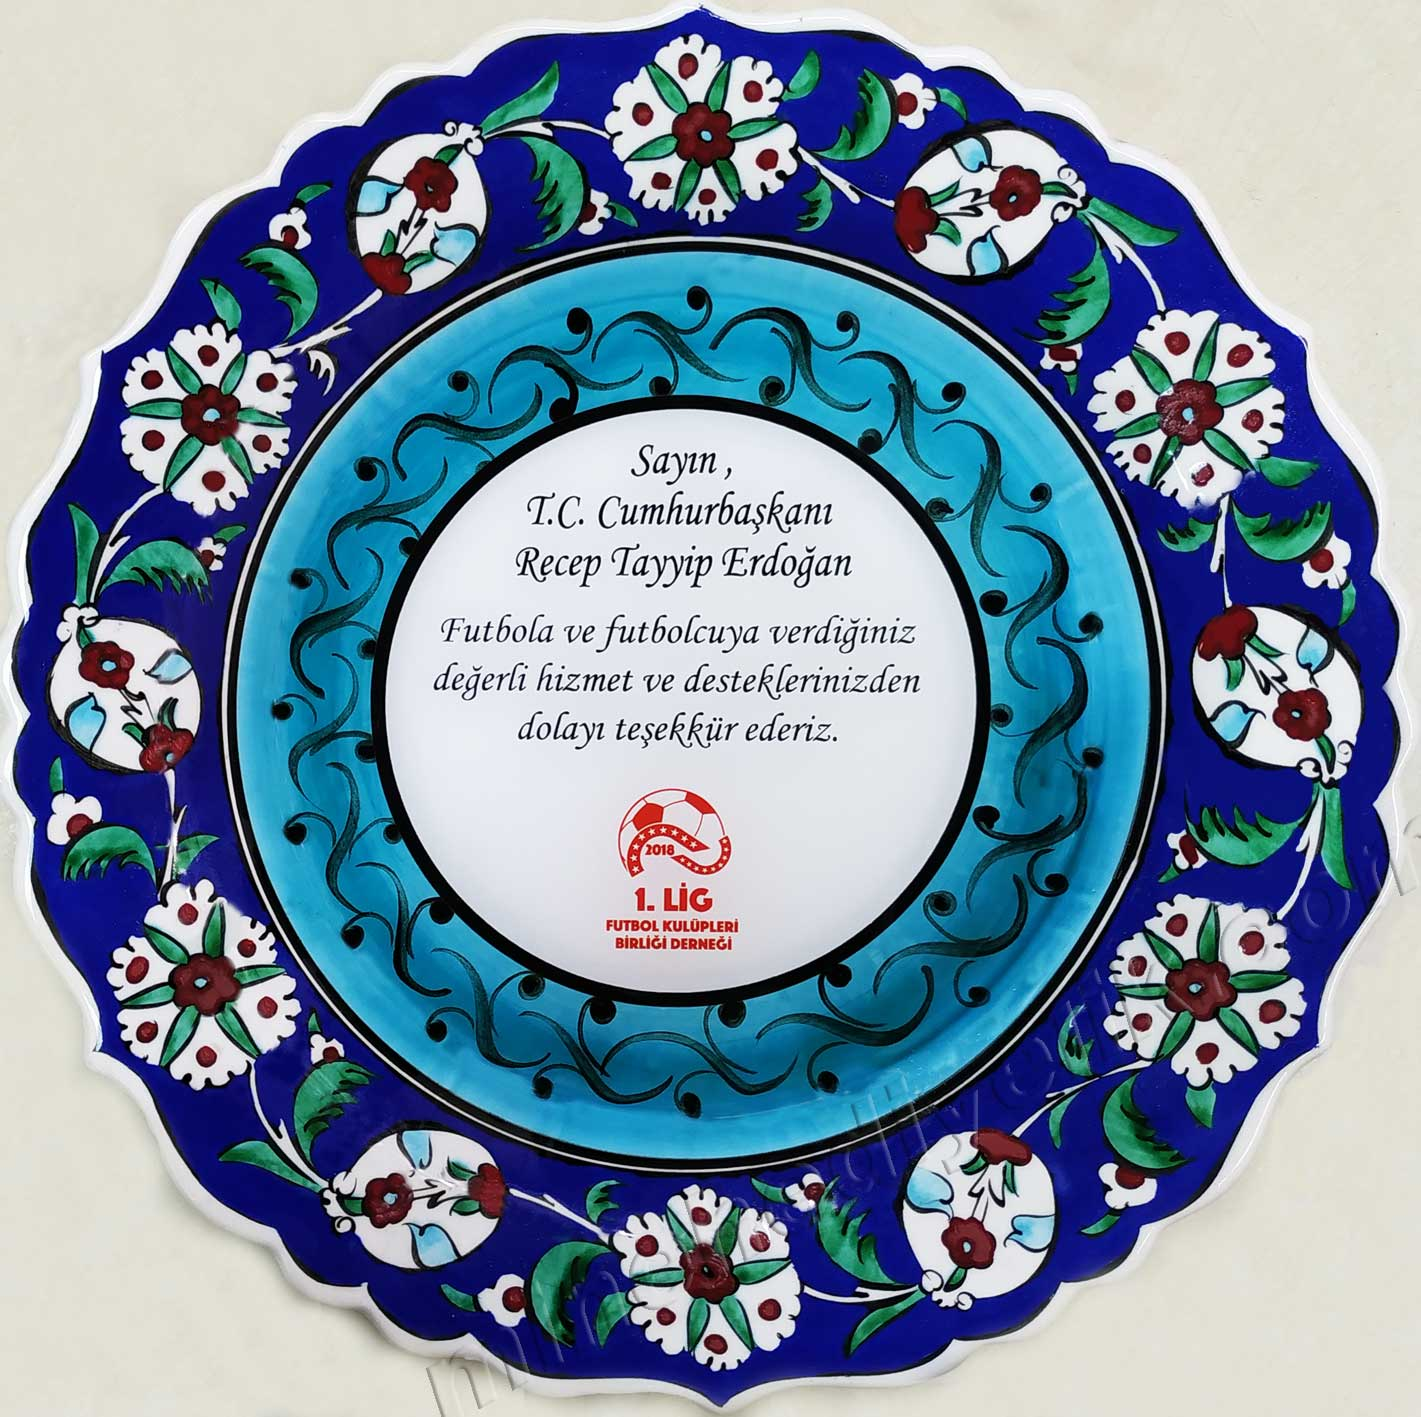 Cumhurbaşkanı Recep Tayyip Erdoğan'ı Ziyaret Anısına Plaket Çini Tabak